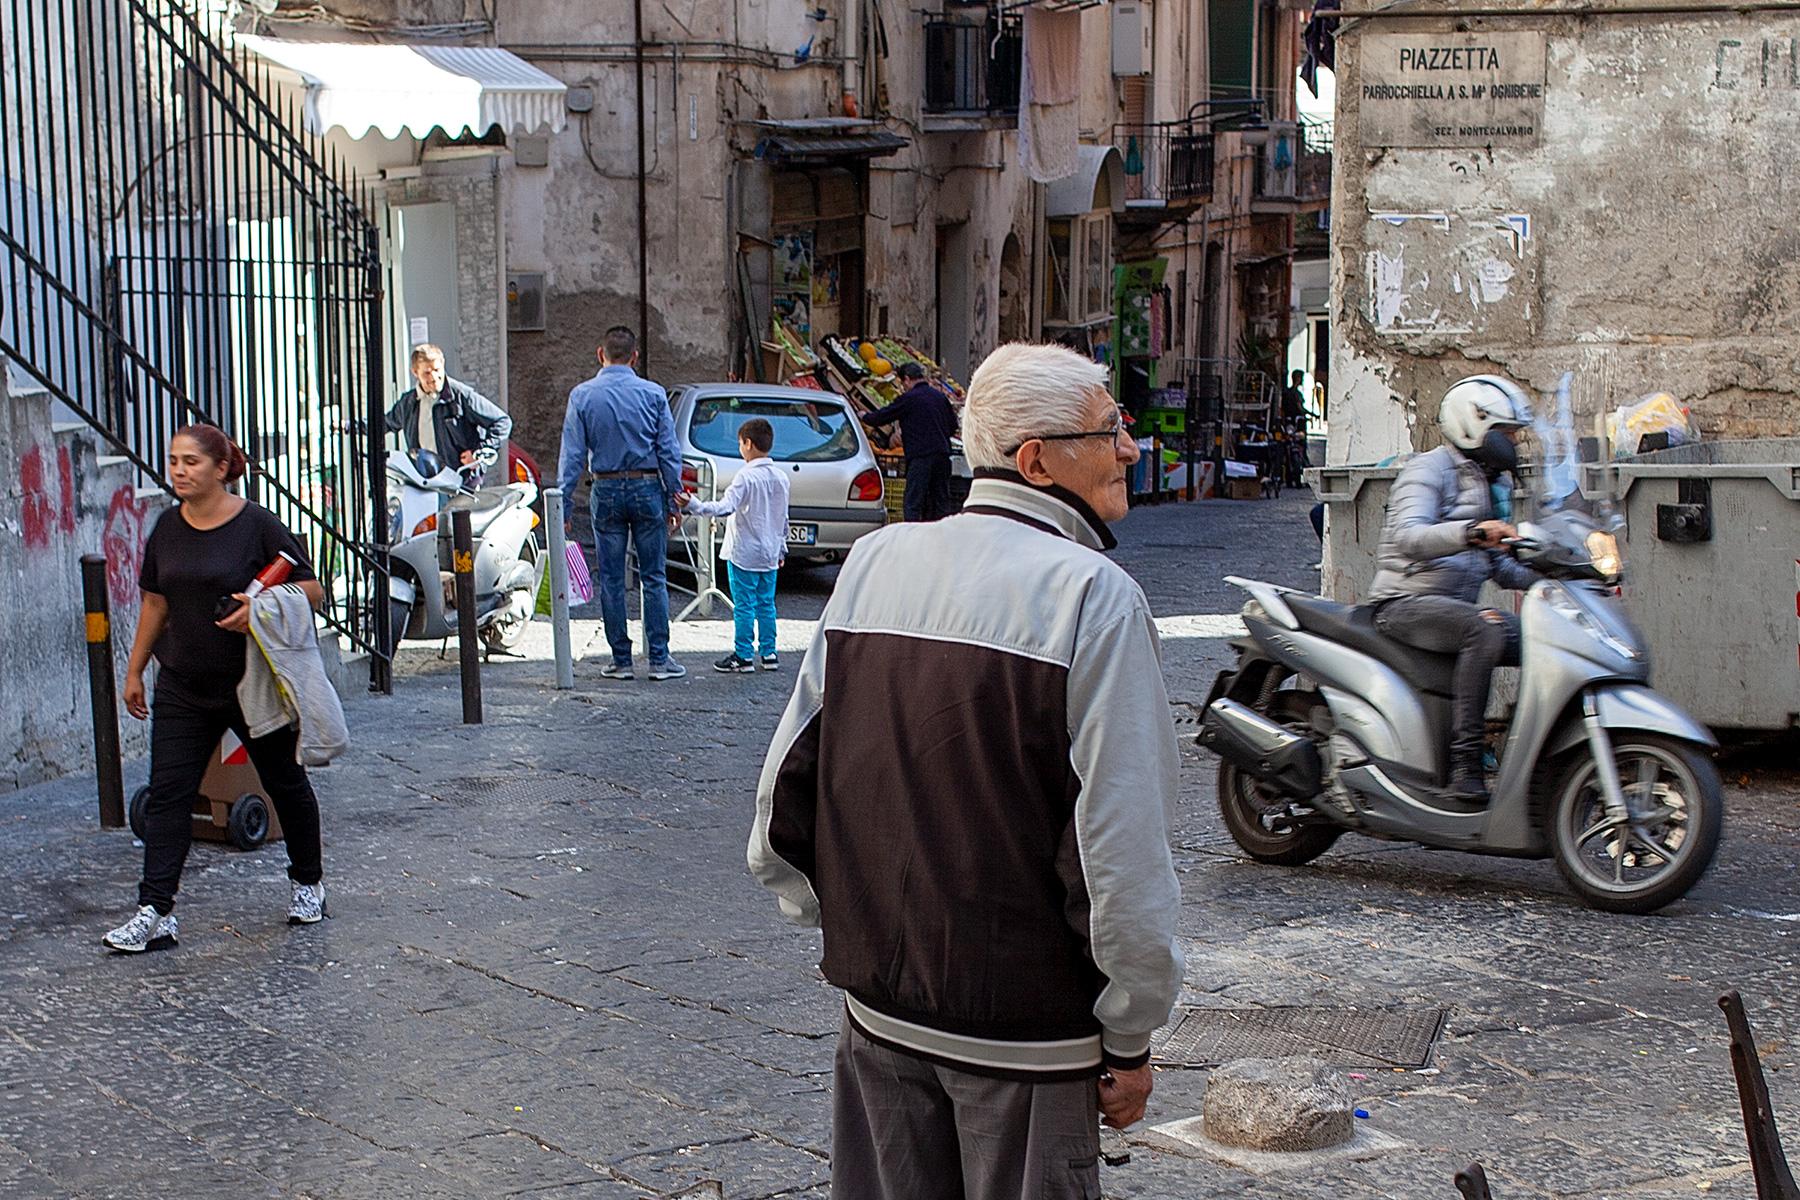 Straßensezene mit Menschen und Motorroller